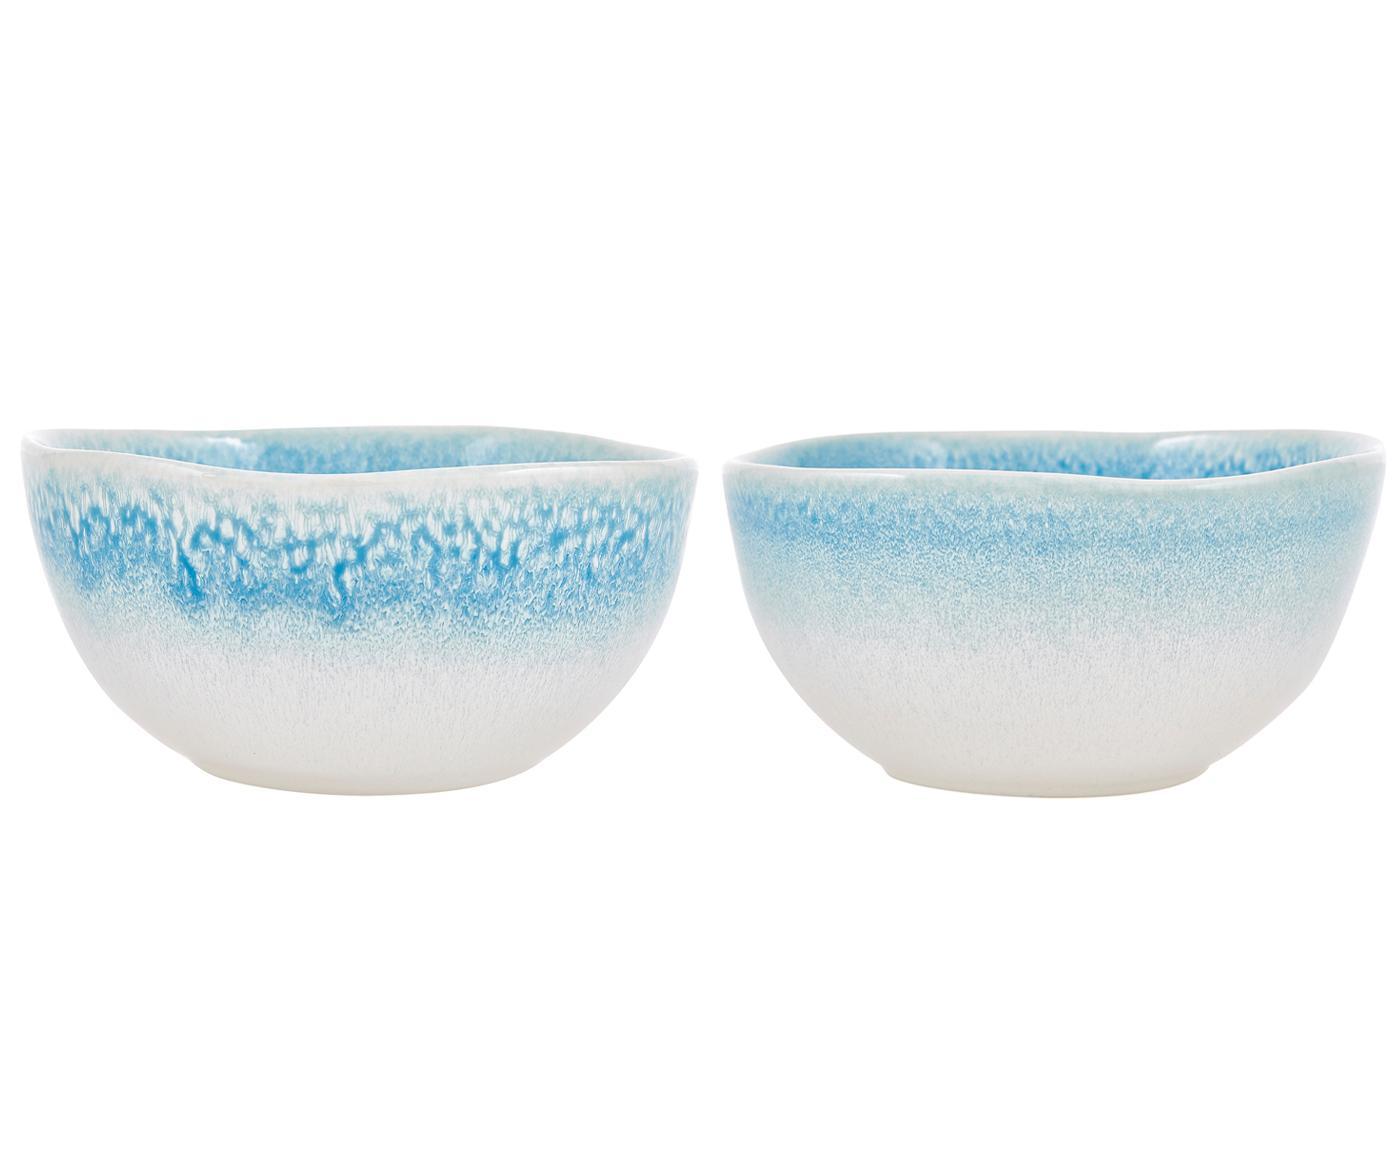 Ręcznie wykonana miska Amalia, 2 szt., Ceramika, Jasny niebieski, kremowy, Ø 14 x W 7 cm